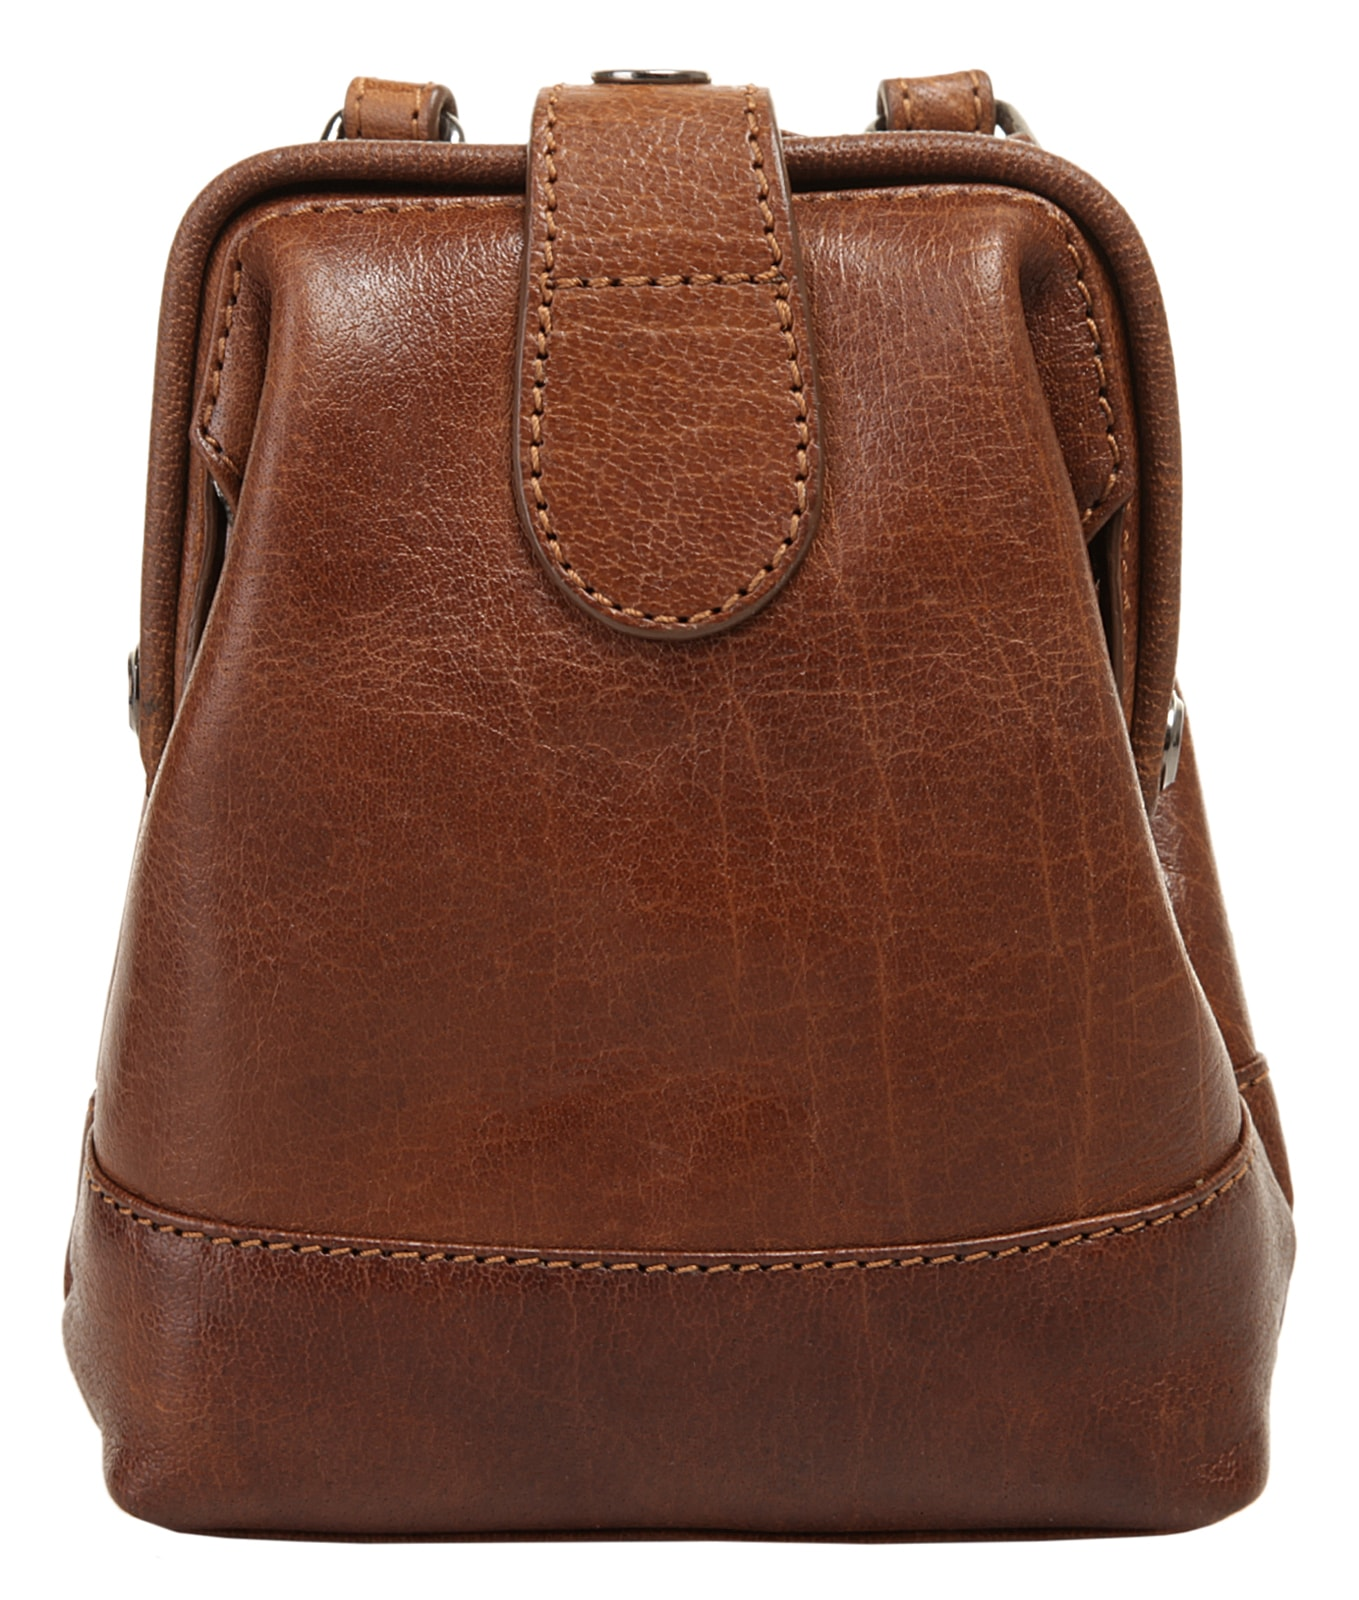 X-Zone Gürteltasche braun Damen Handtaschen Taschen